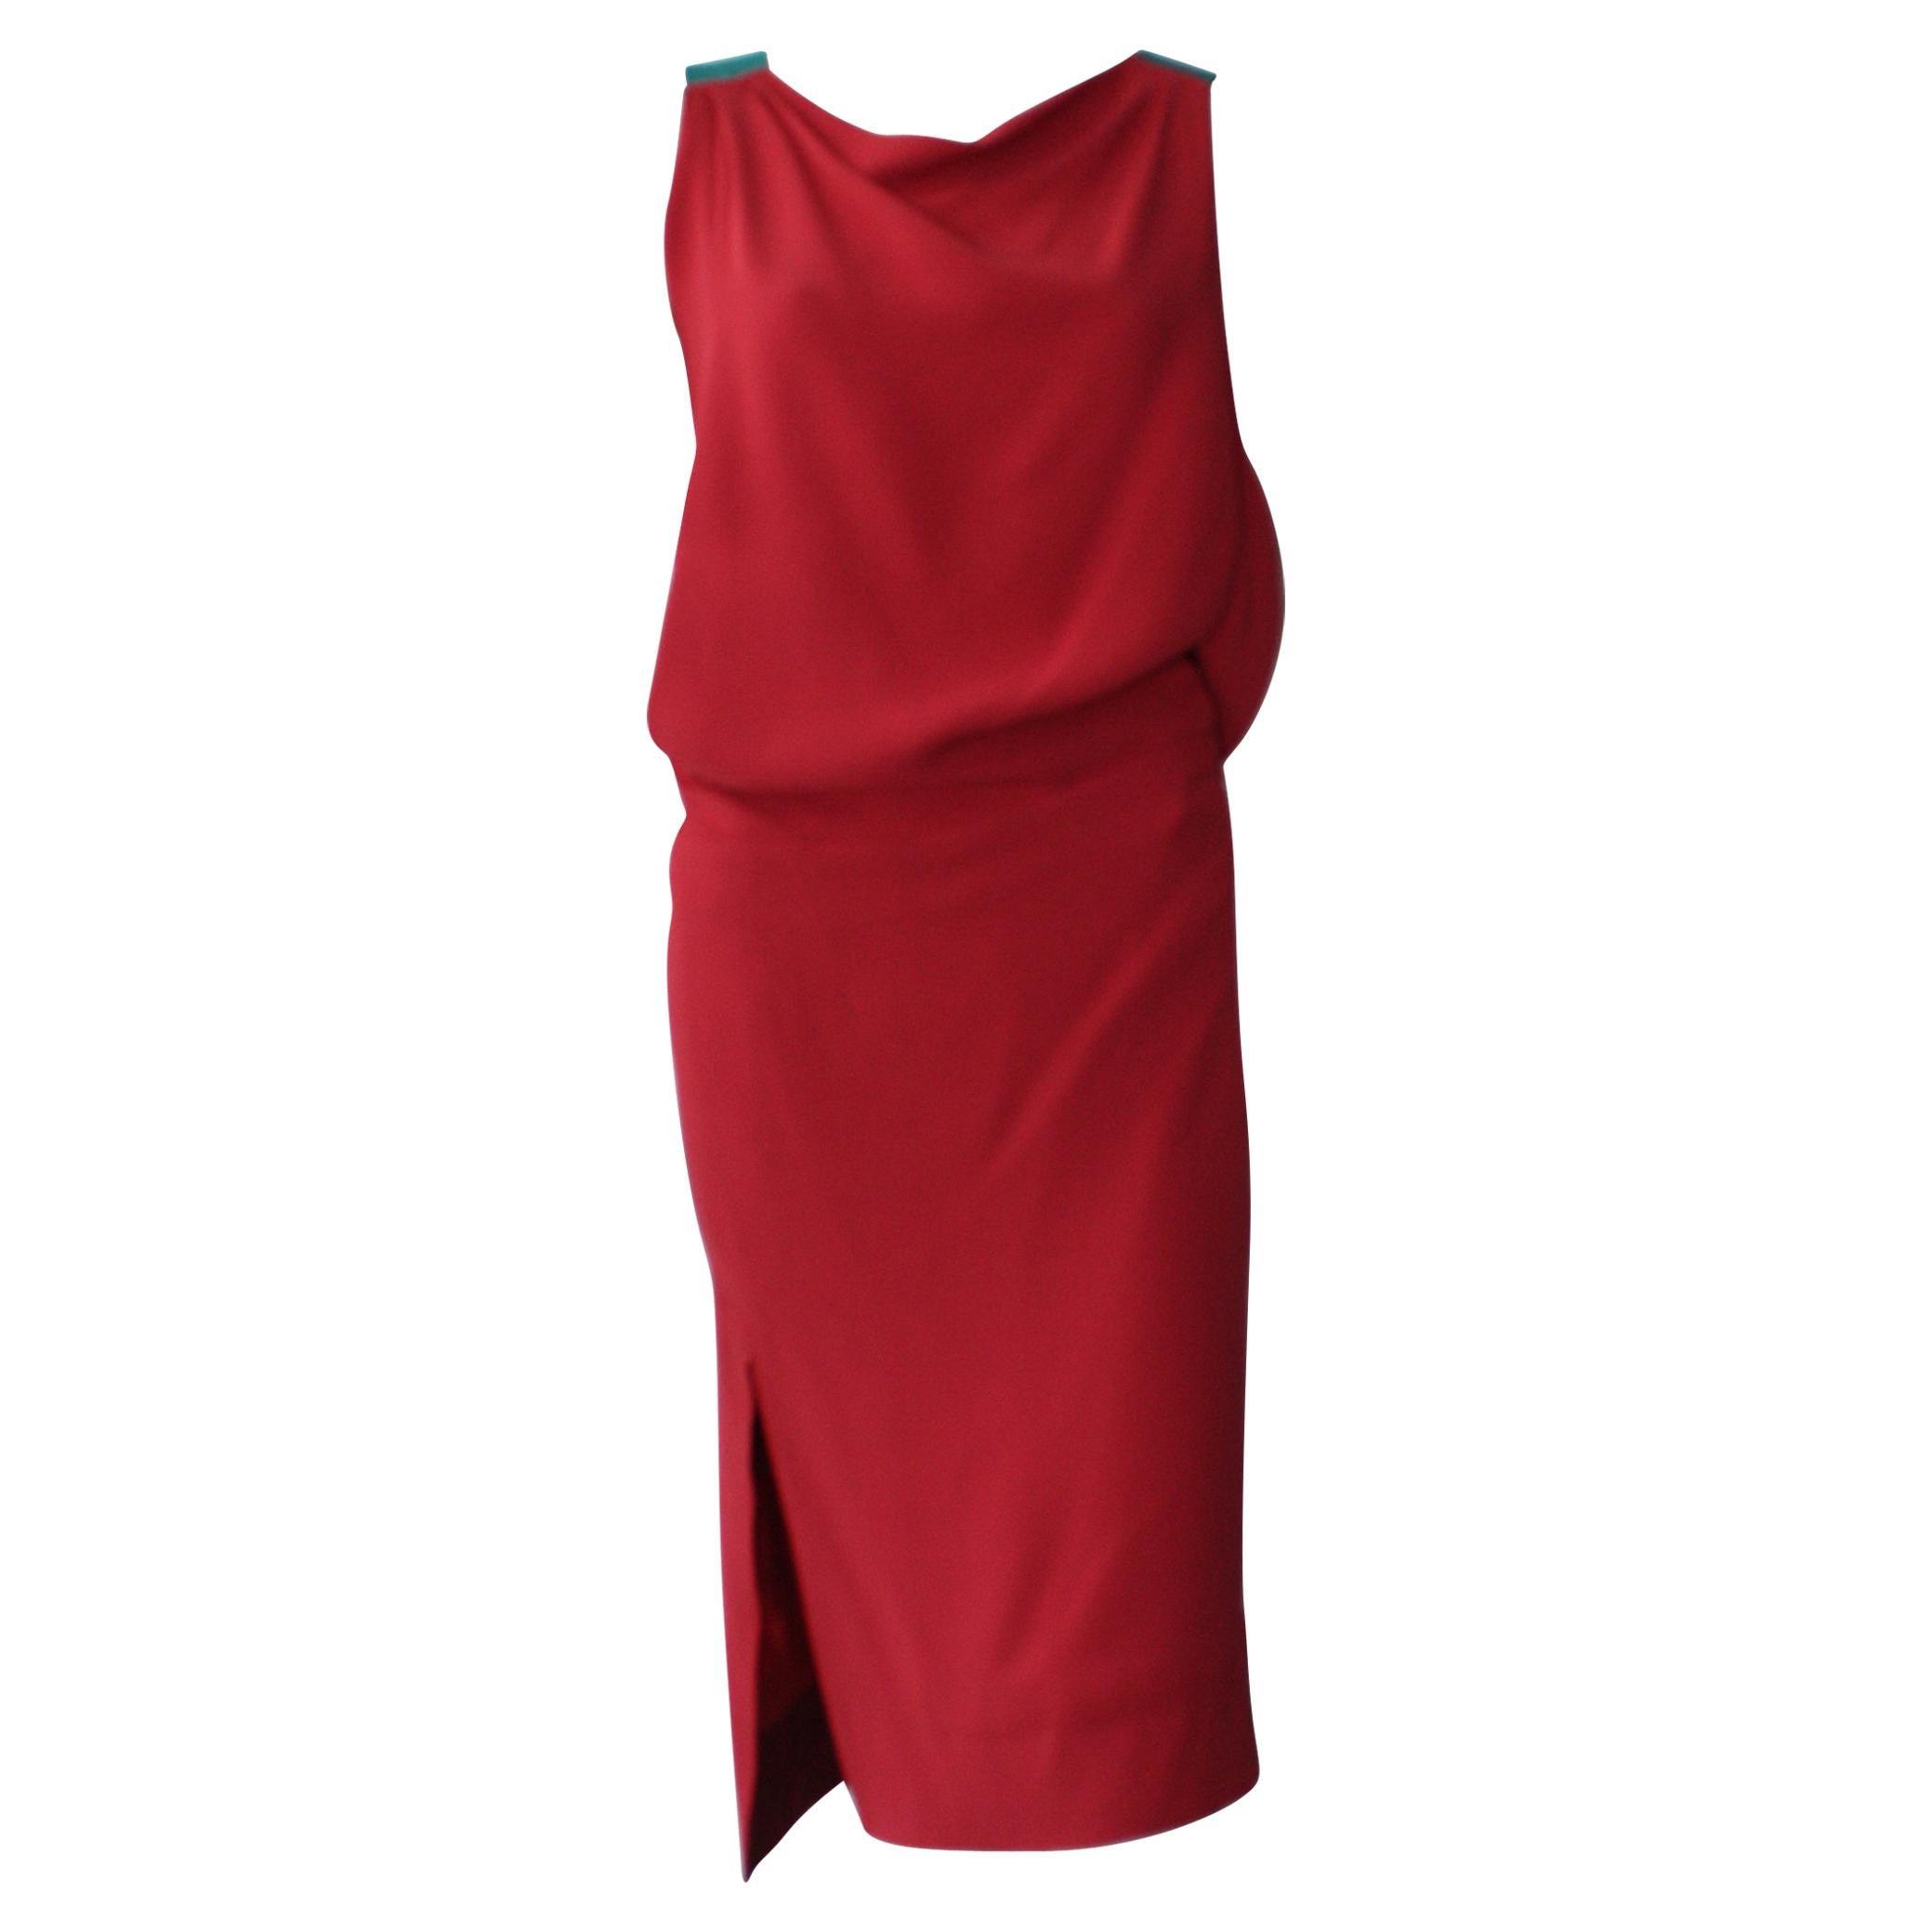 Louis Vuitton Cocktail Dress